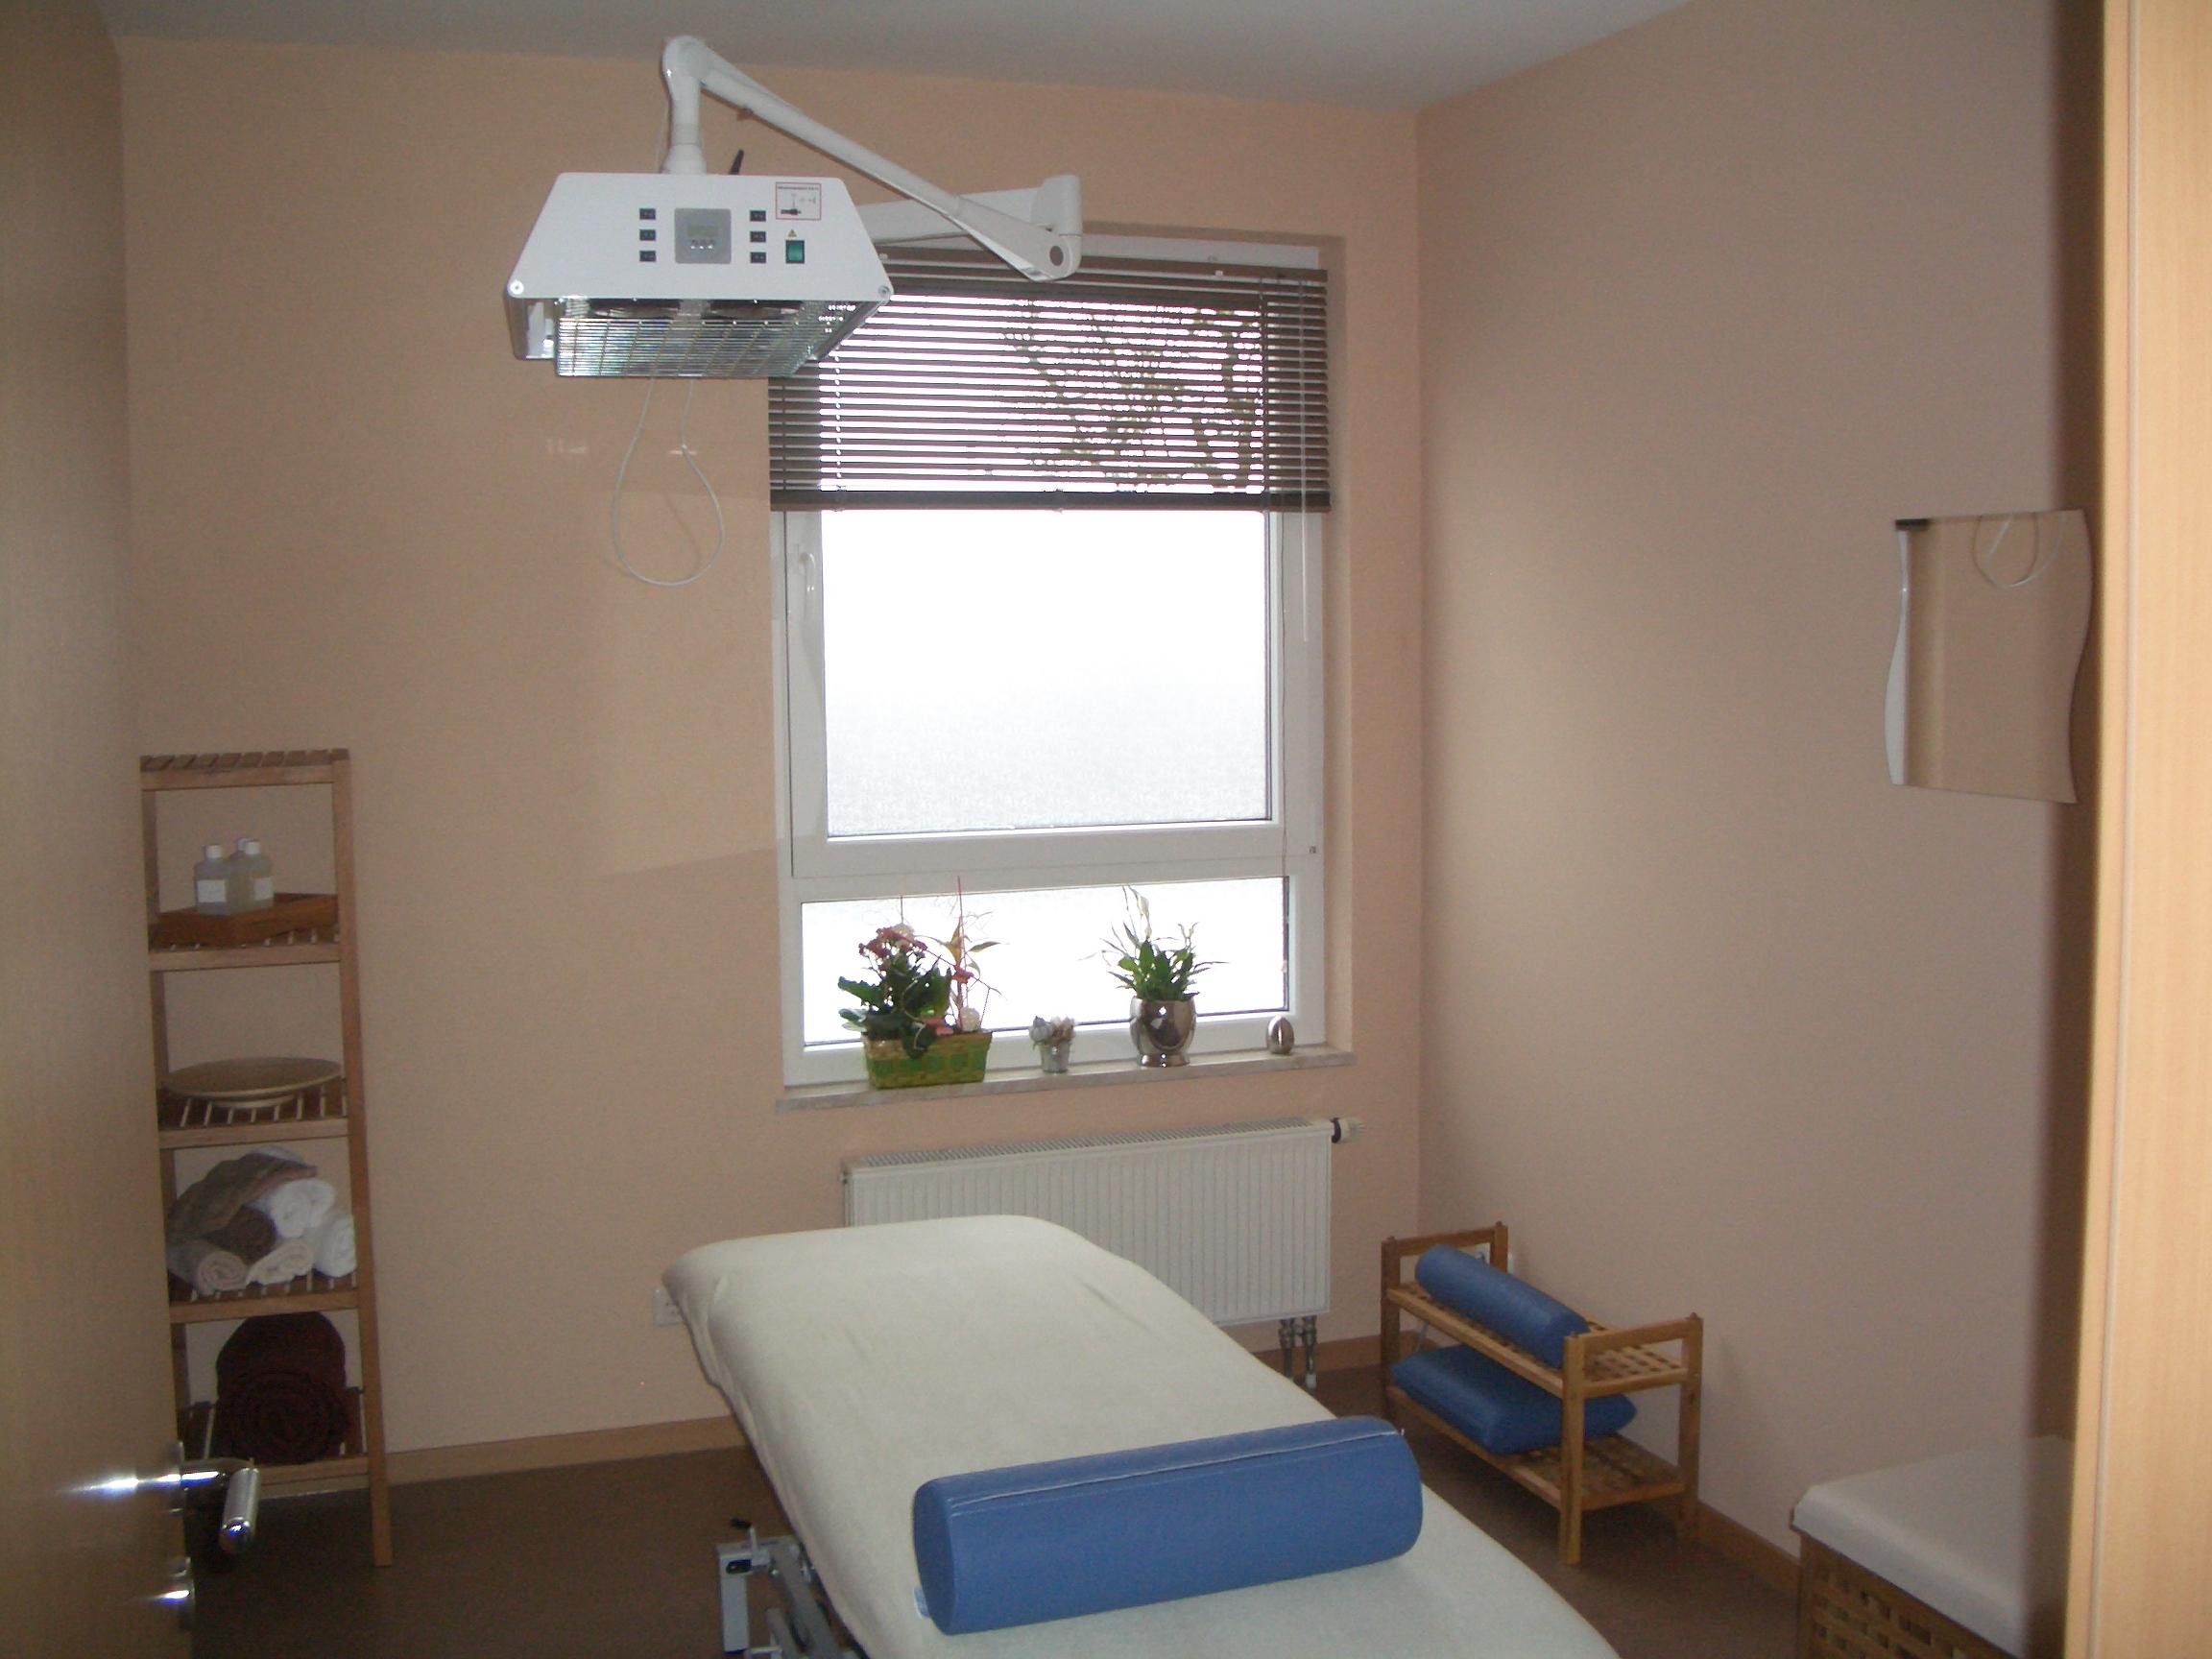 Seeberger - Praxis für Physiotherapie